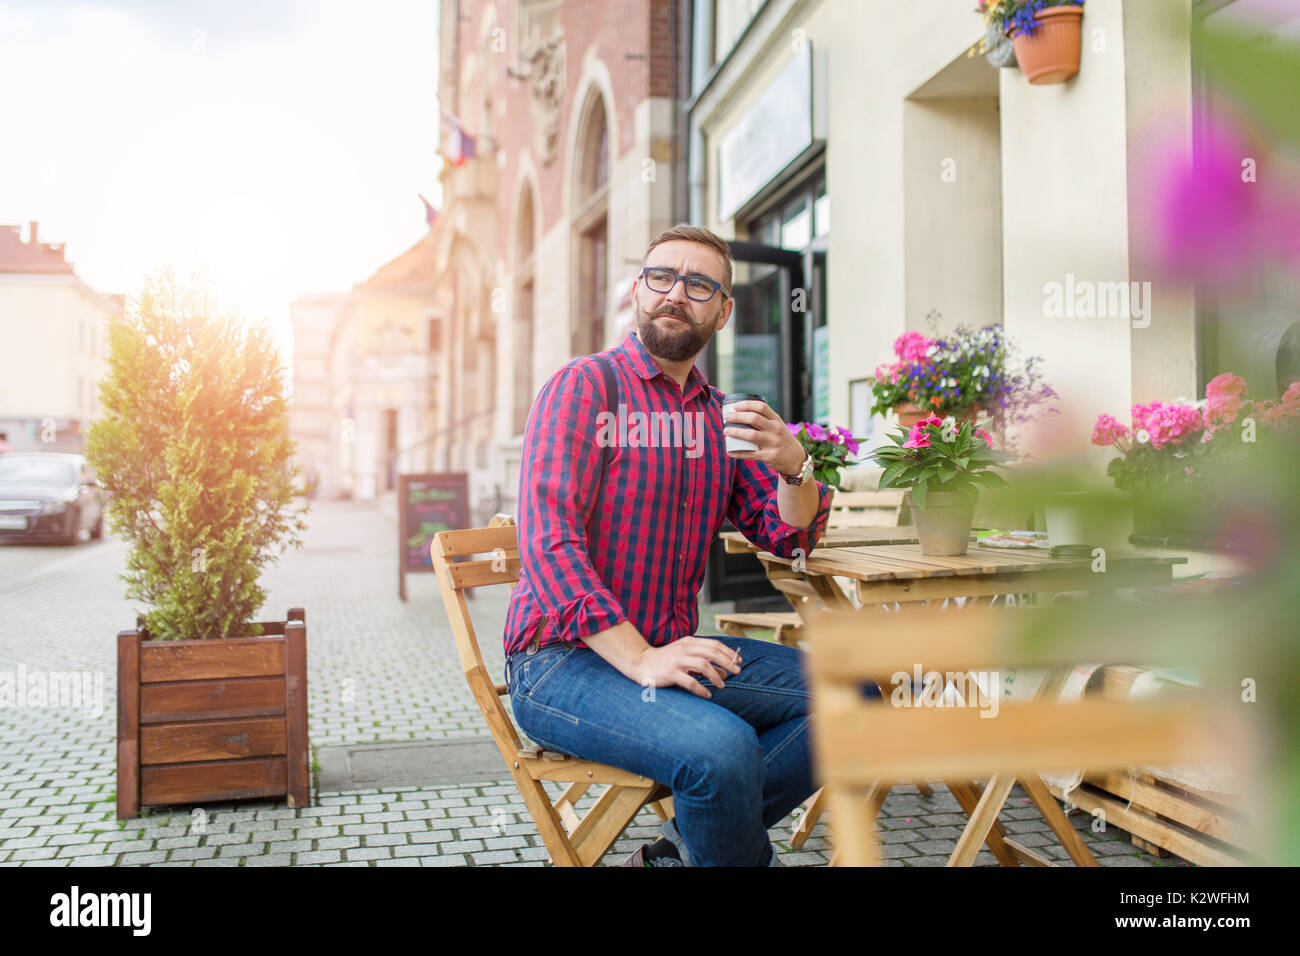 Hombre sentado en el café jardín y beber café para llevar Foto de stock